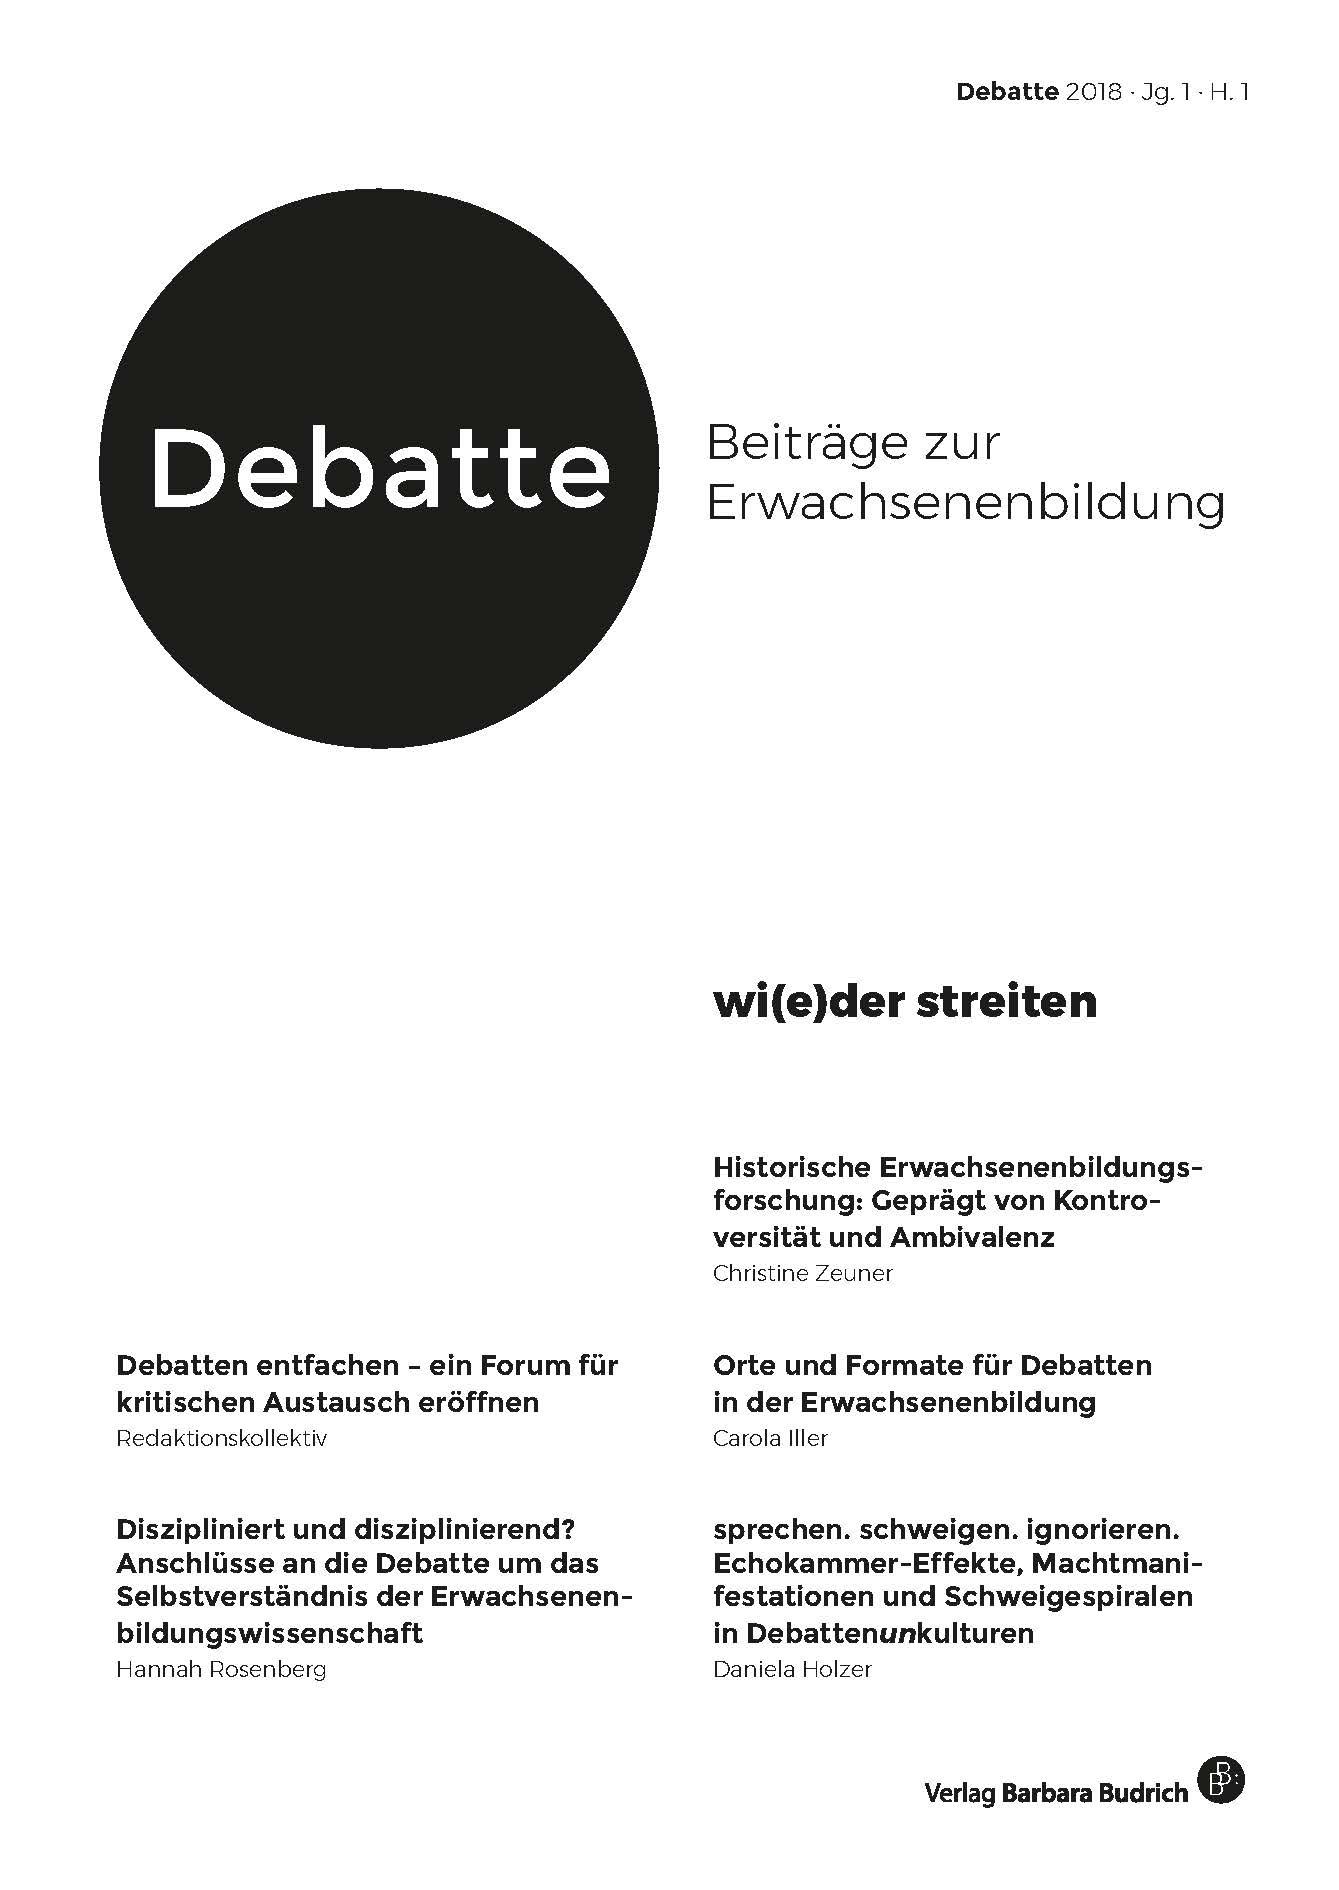 Debatte. Beiträge zur Erwachsenenbildung 1-2018: wi(e)der streiten